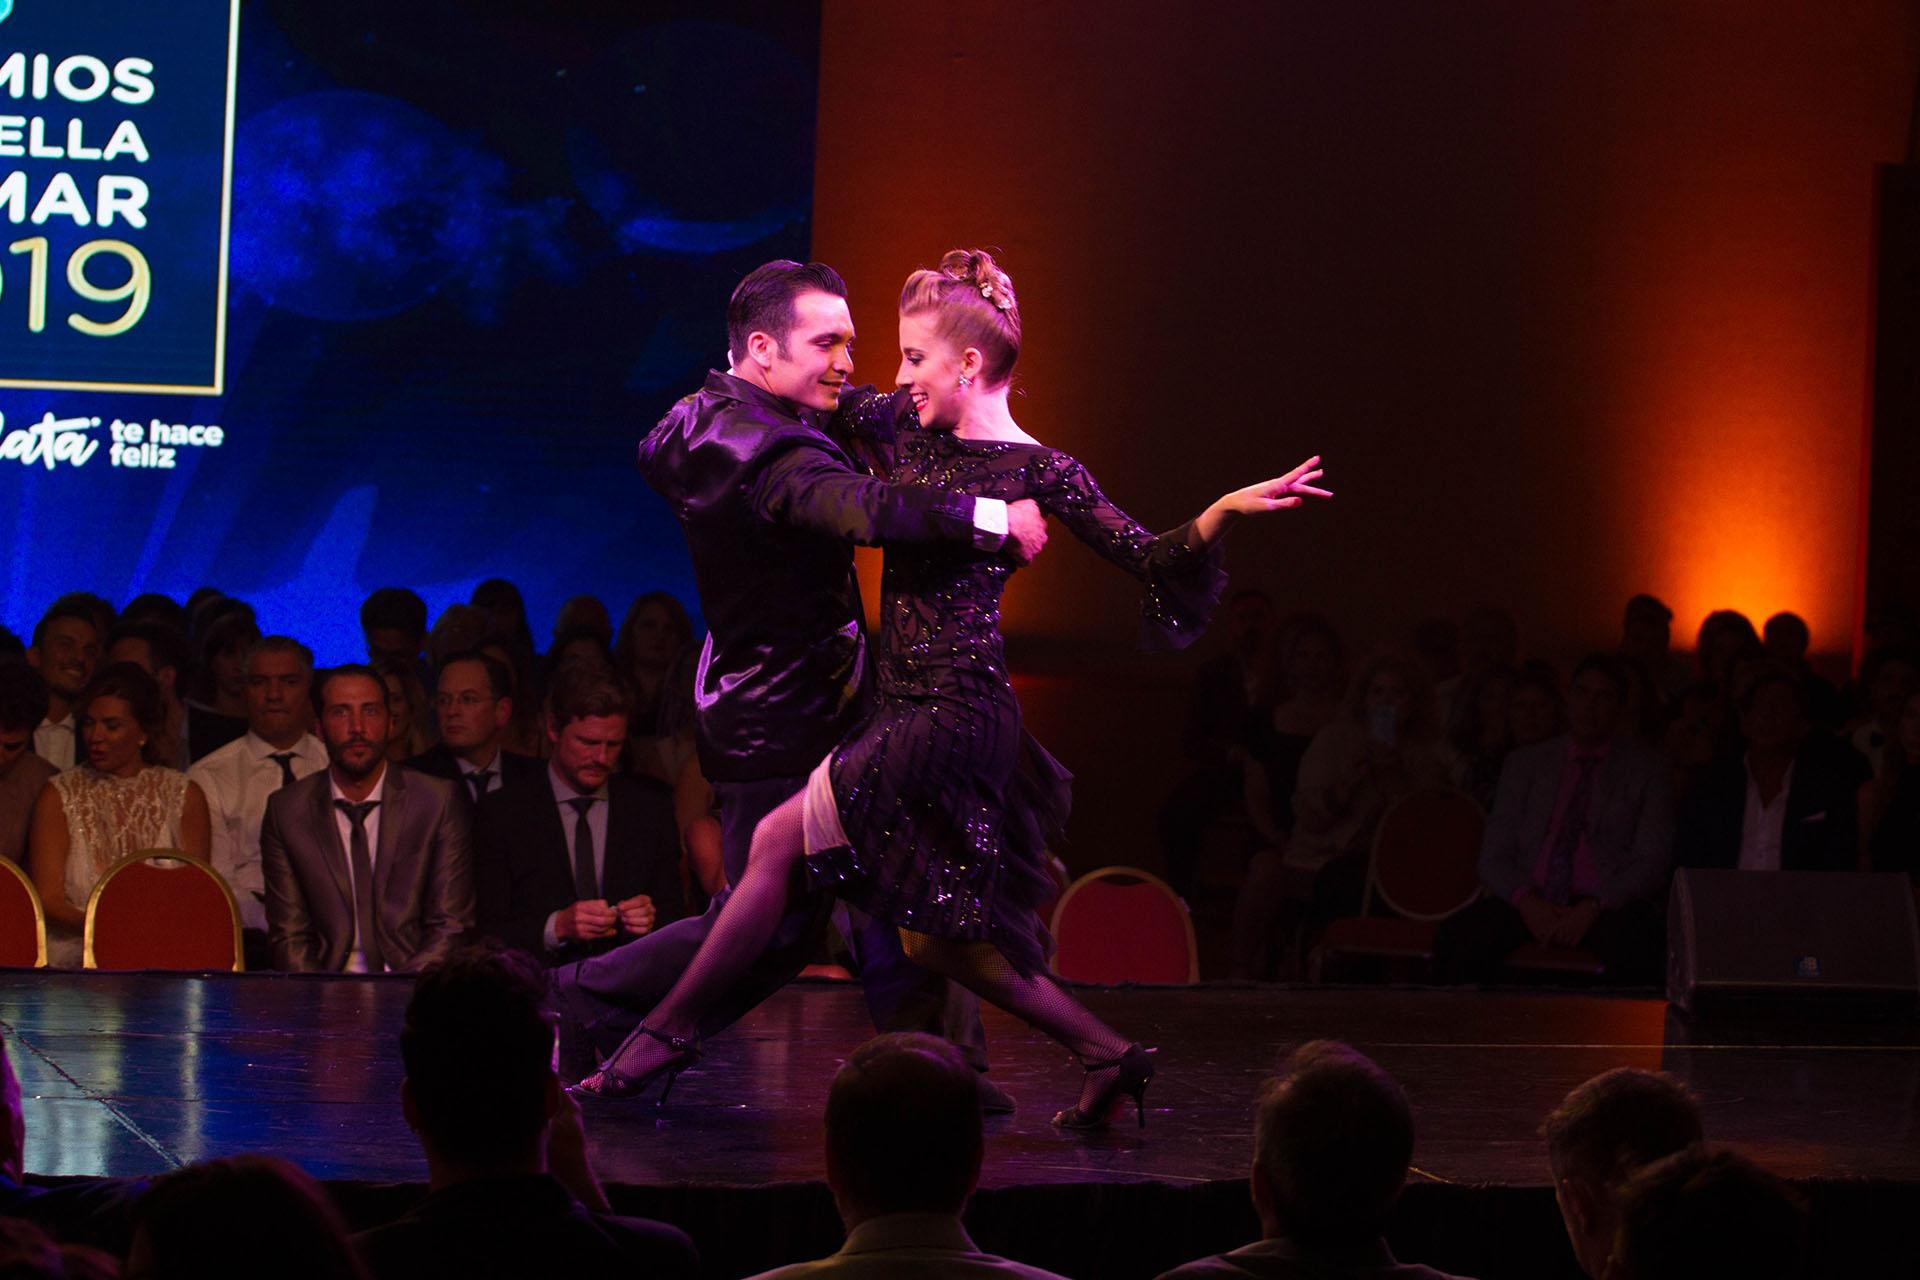 Un show de tango en medio de la ceremonia realizada en el Sheraton (Cintia Haag)